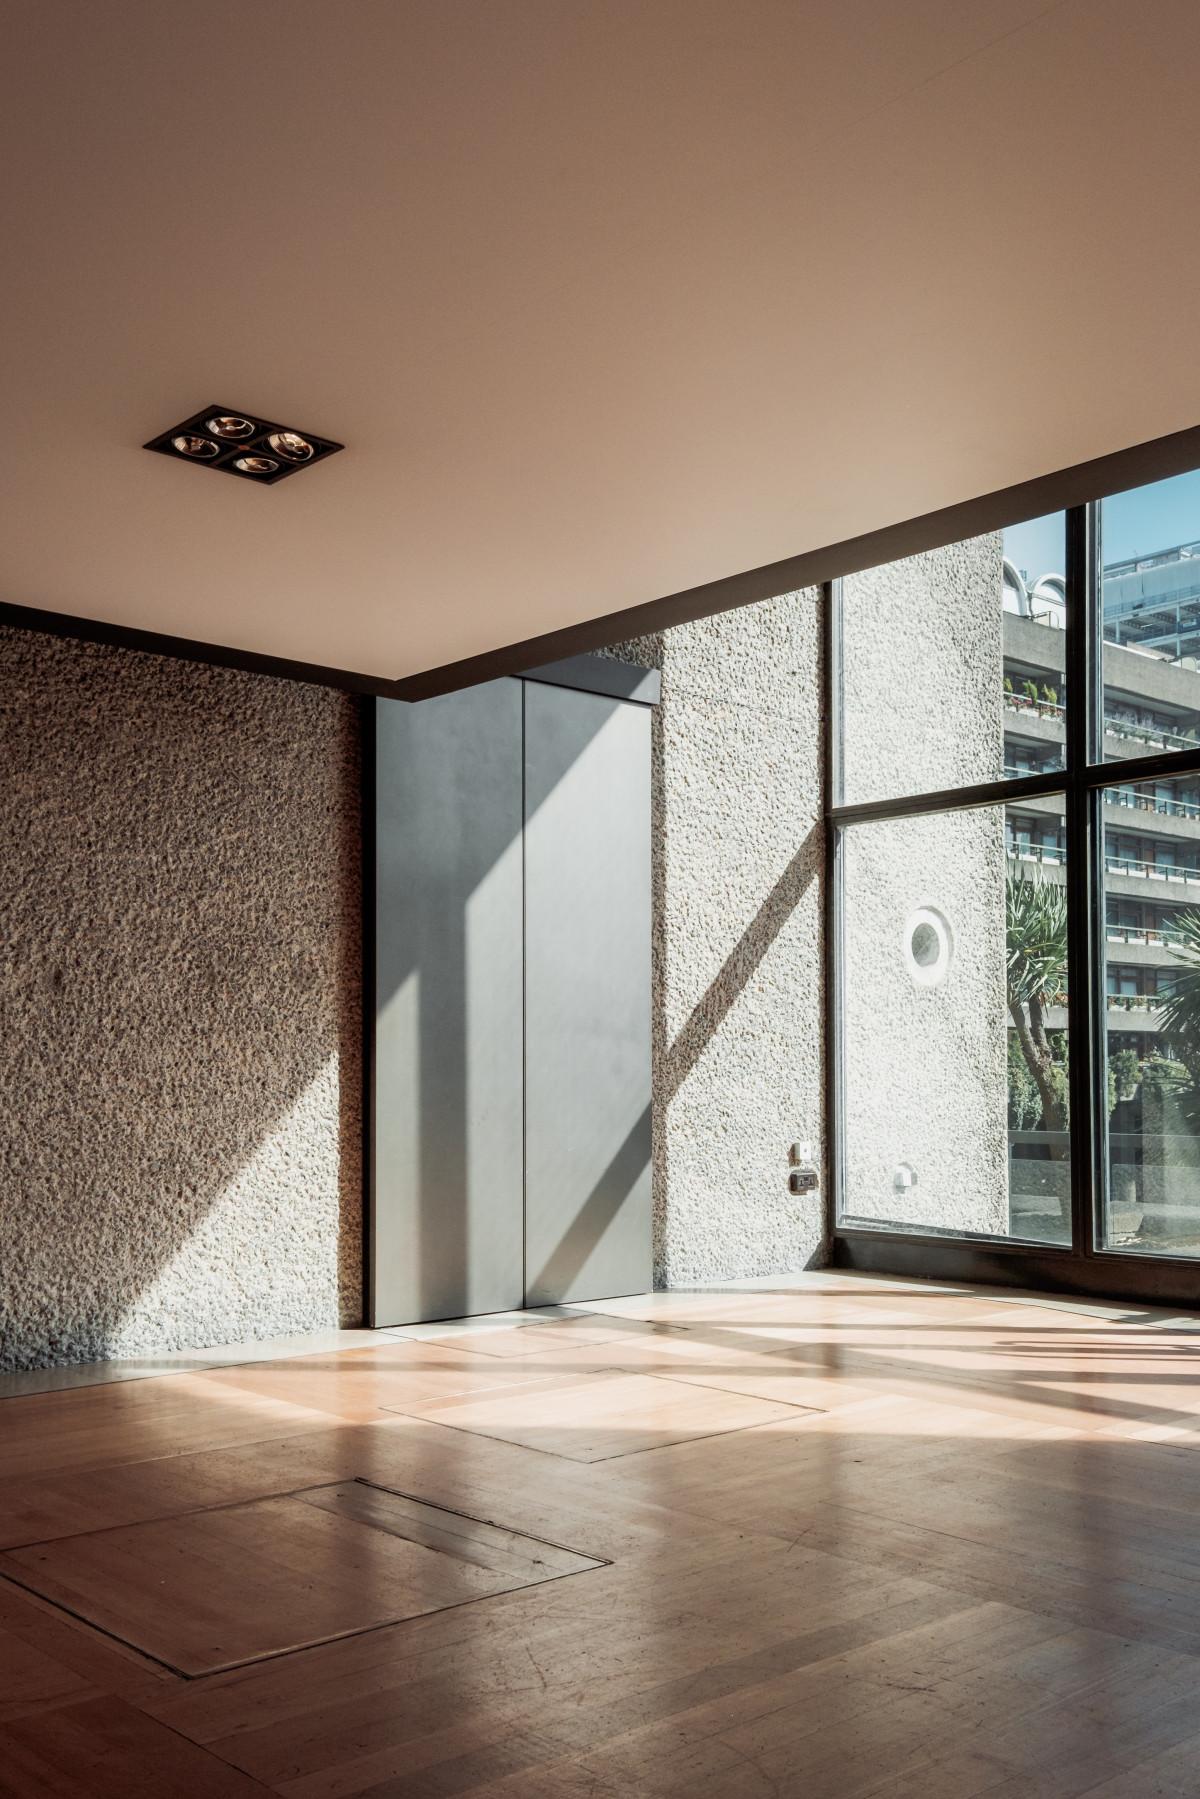 images gratuites architecture bois maison sol plafond salon professionnel chambre. Black Bedroom Furniture Sets. Home Design Ideas